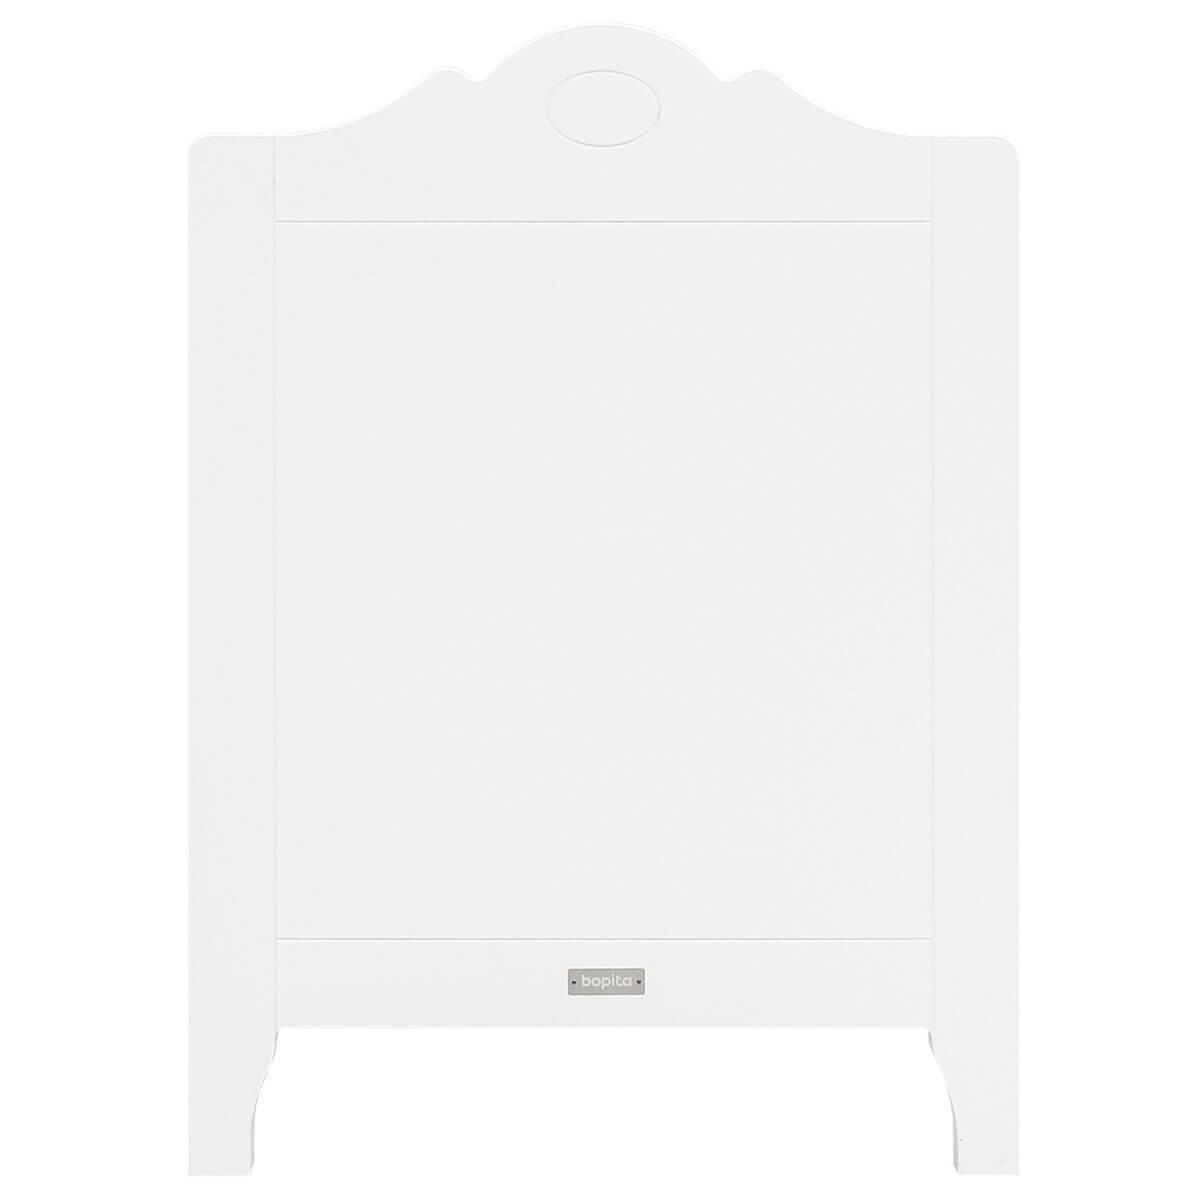 Cuna 60x120cm EVI Bopita blanco